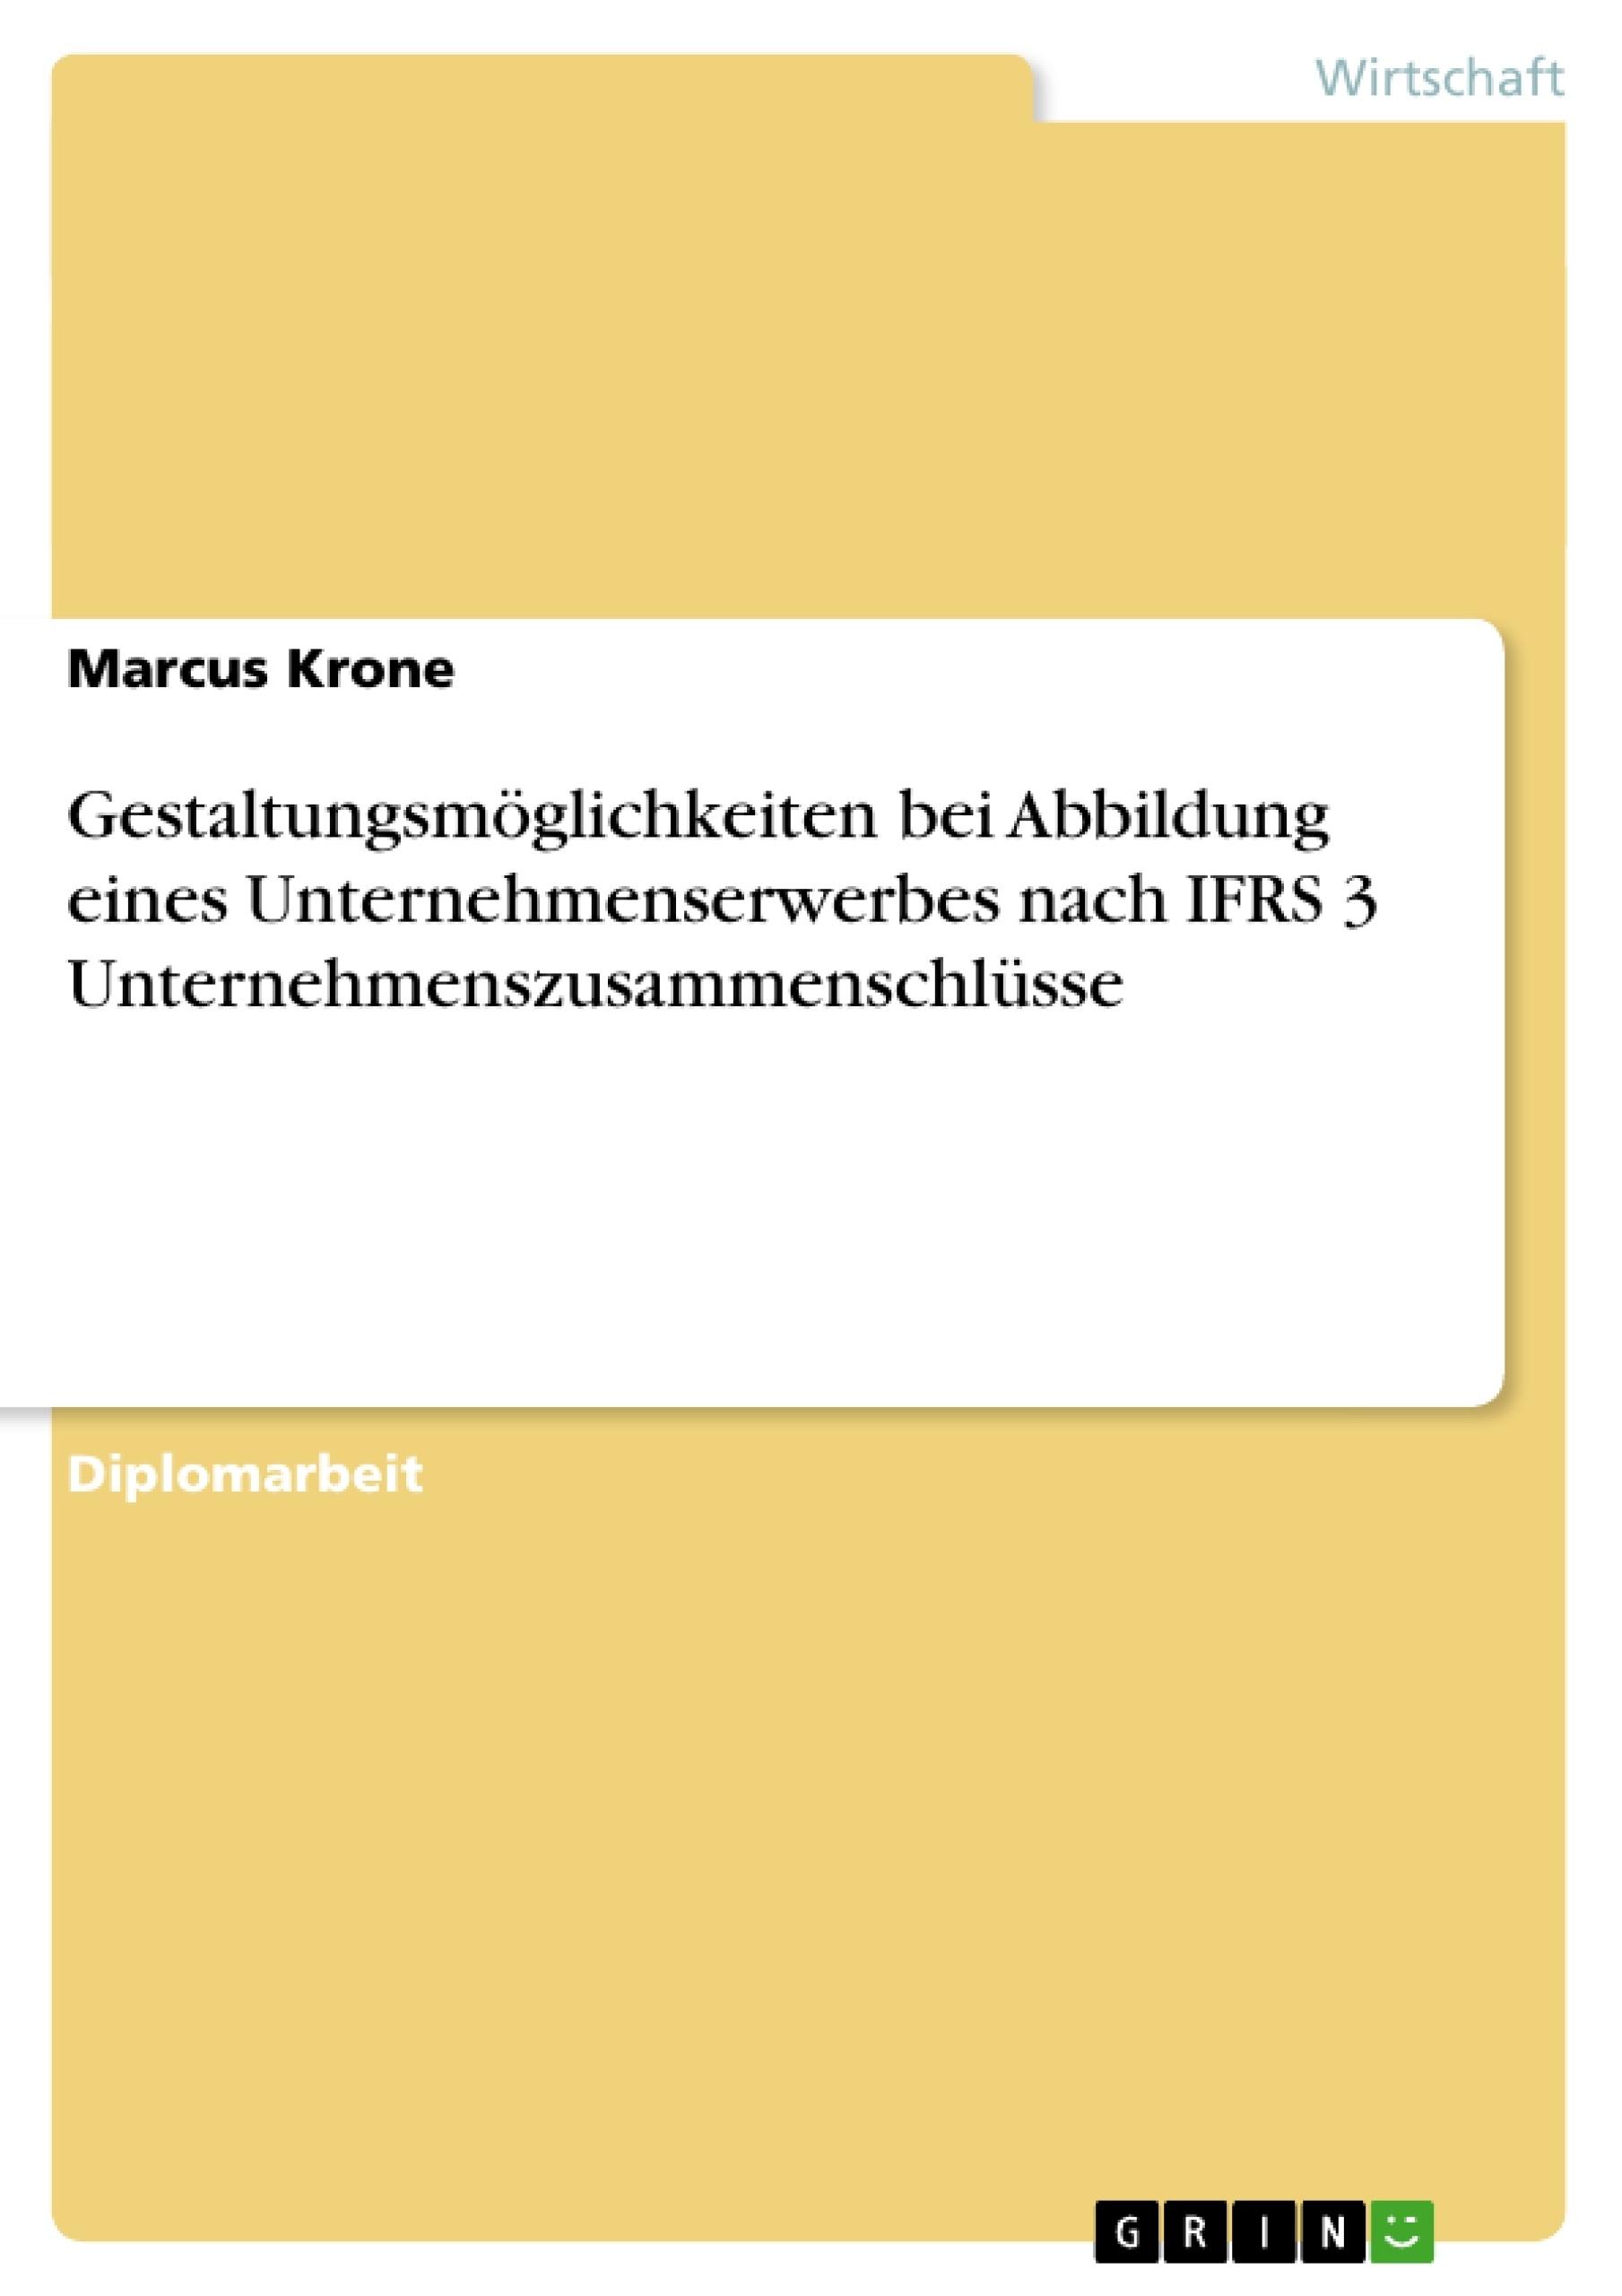 Titel: Gestaltungsmöglichkeiten bei Abbildung eines Unternehmenserwerbes nach IFRS 3 Unternehmenszusammenschlüsse